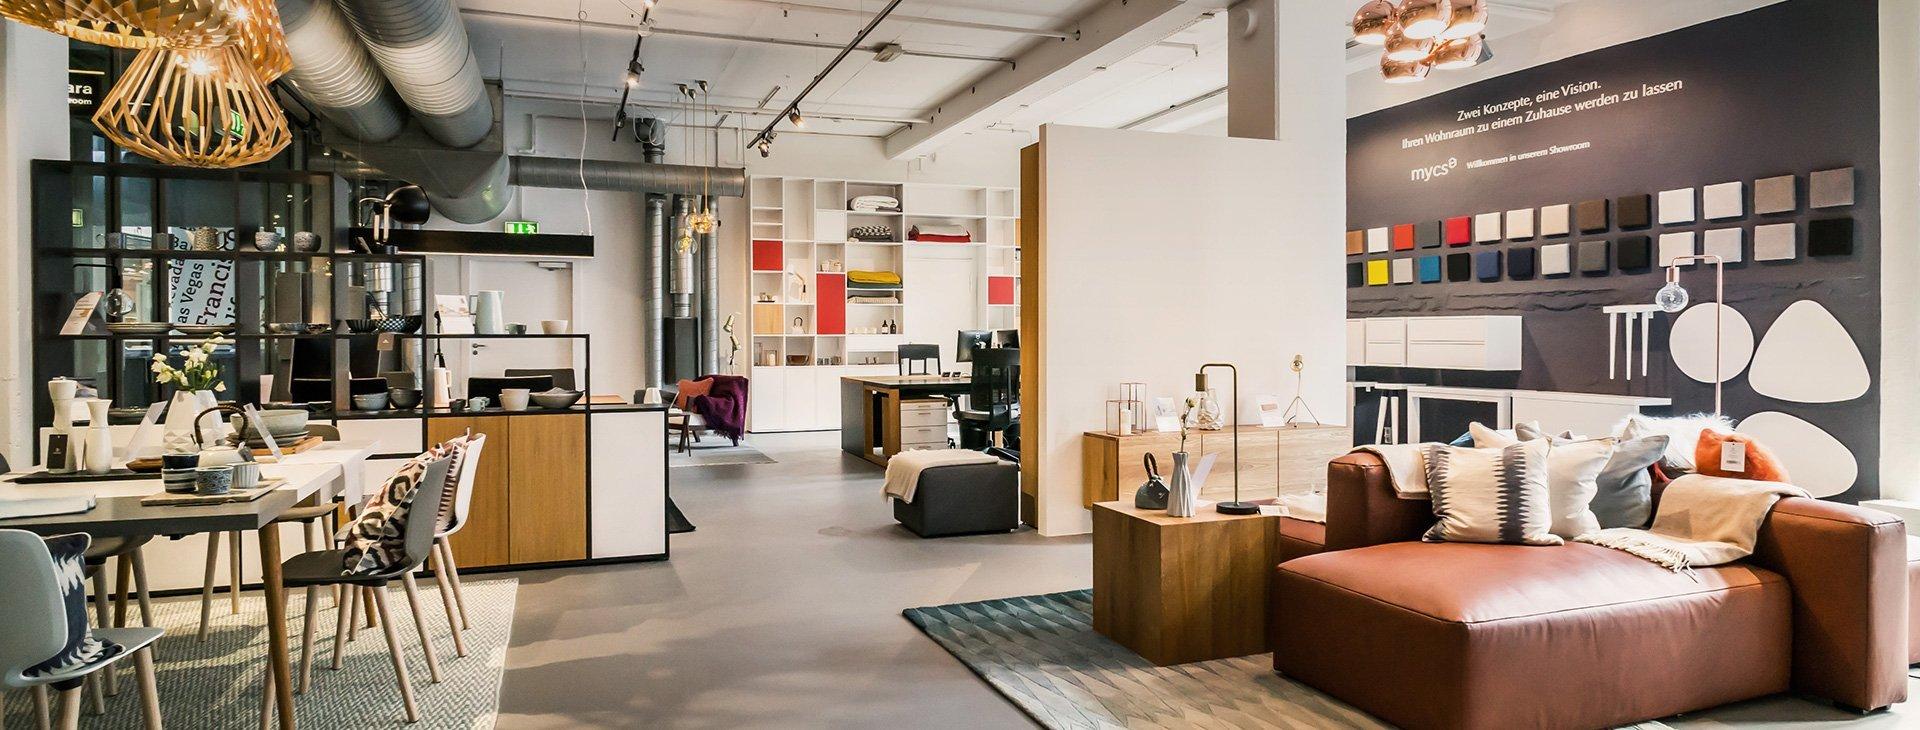 mycs ihre stores im stilwerk hamburg. Black Bedroom Furniture Sets. Home Design Ideas